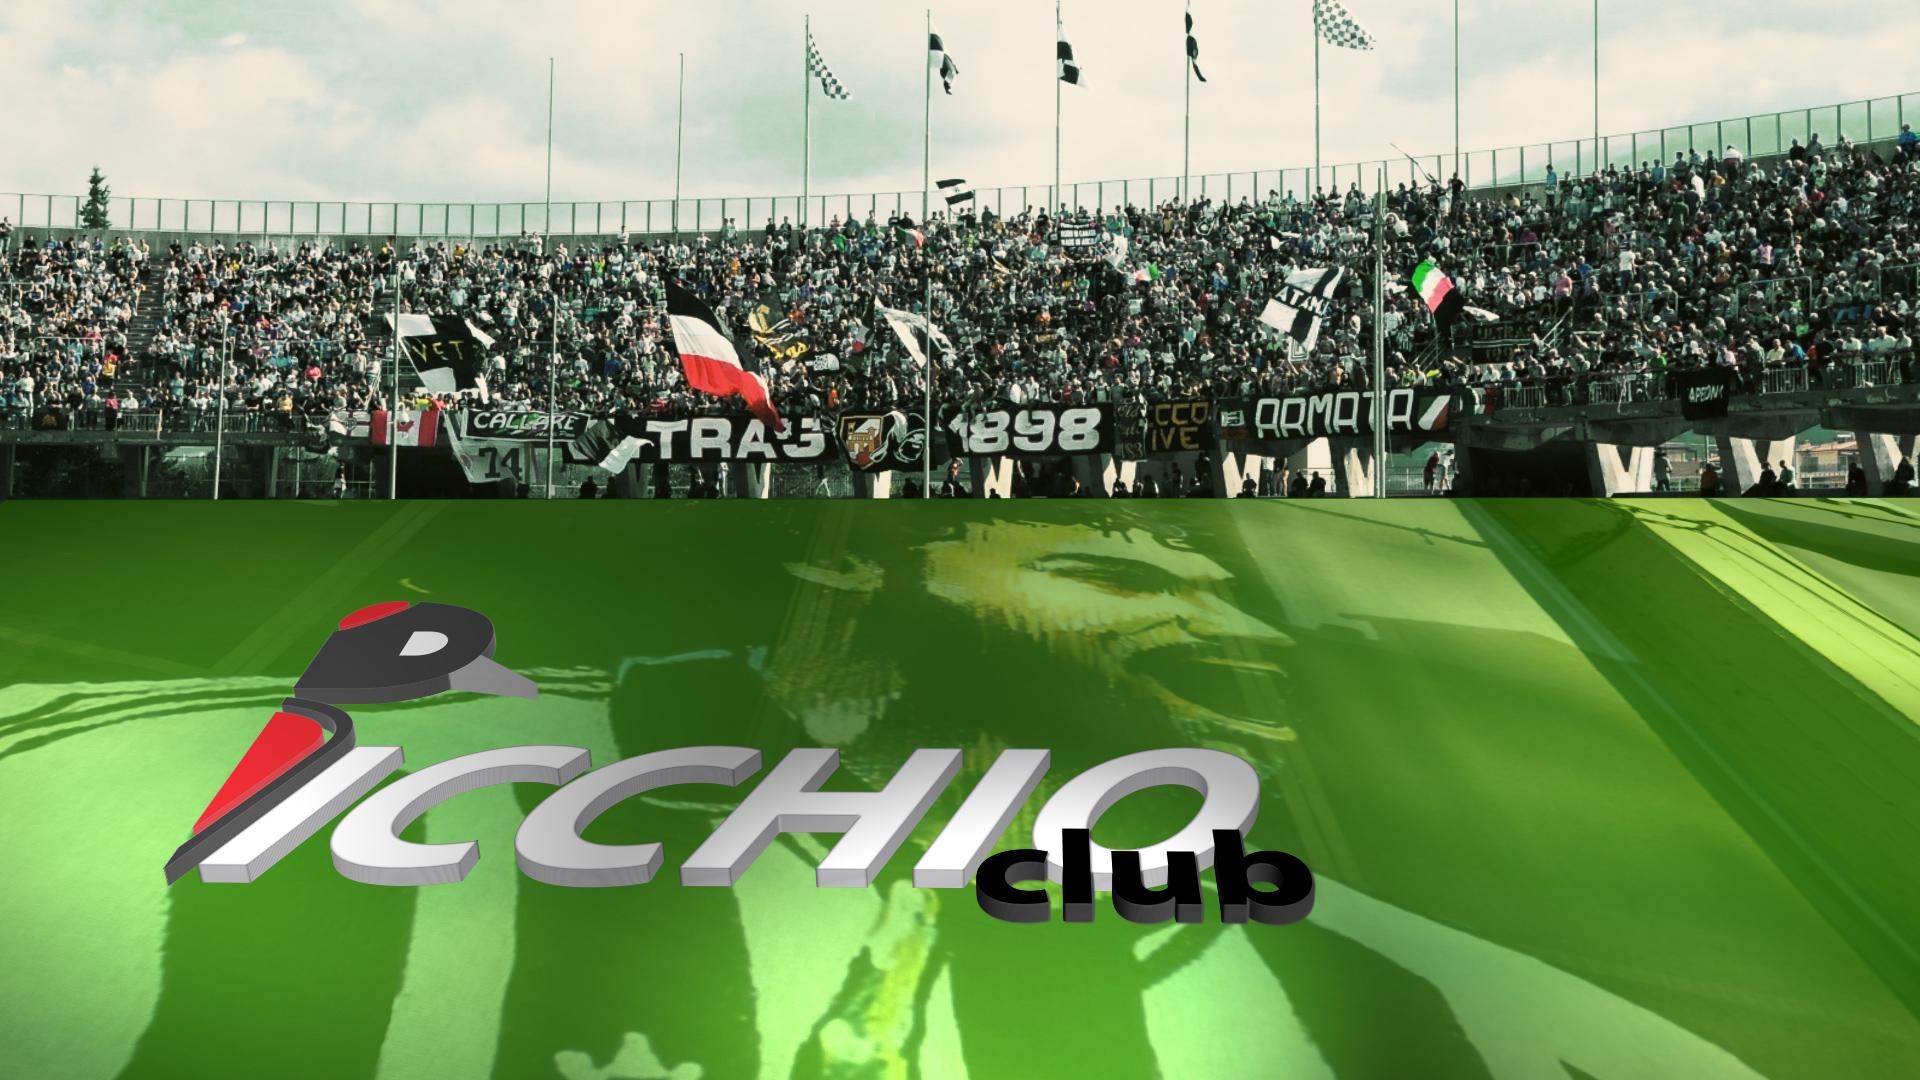 Picchio Club – Puntata del 25 settembre 2019